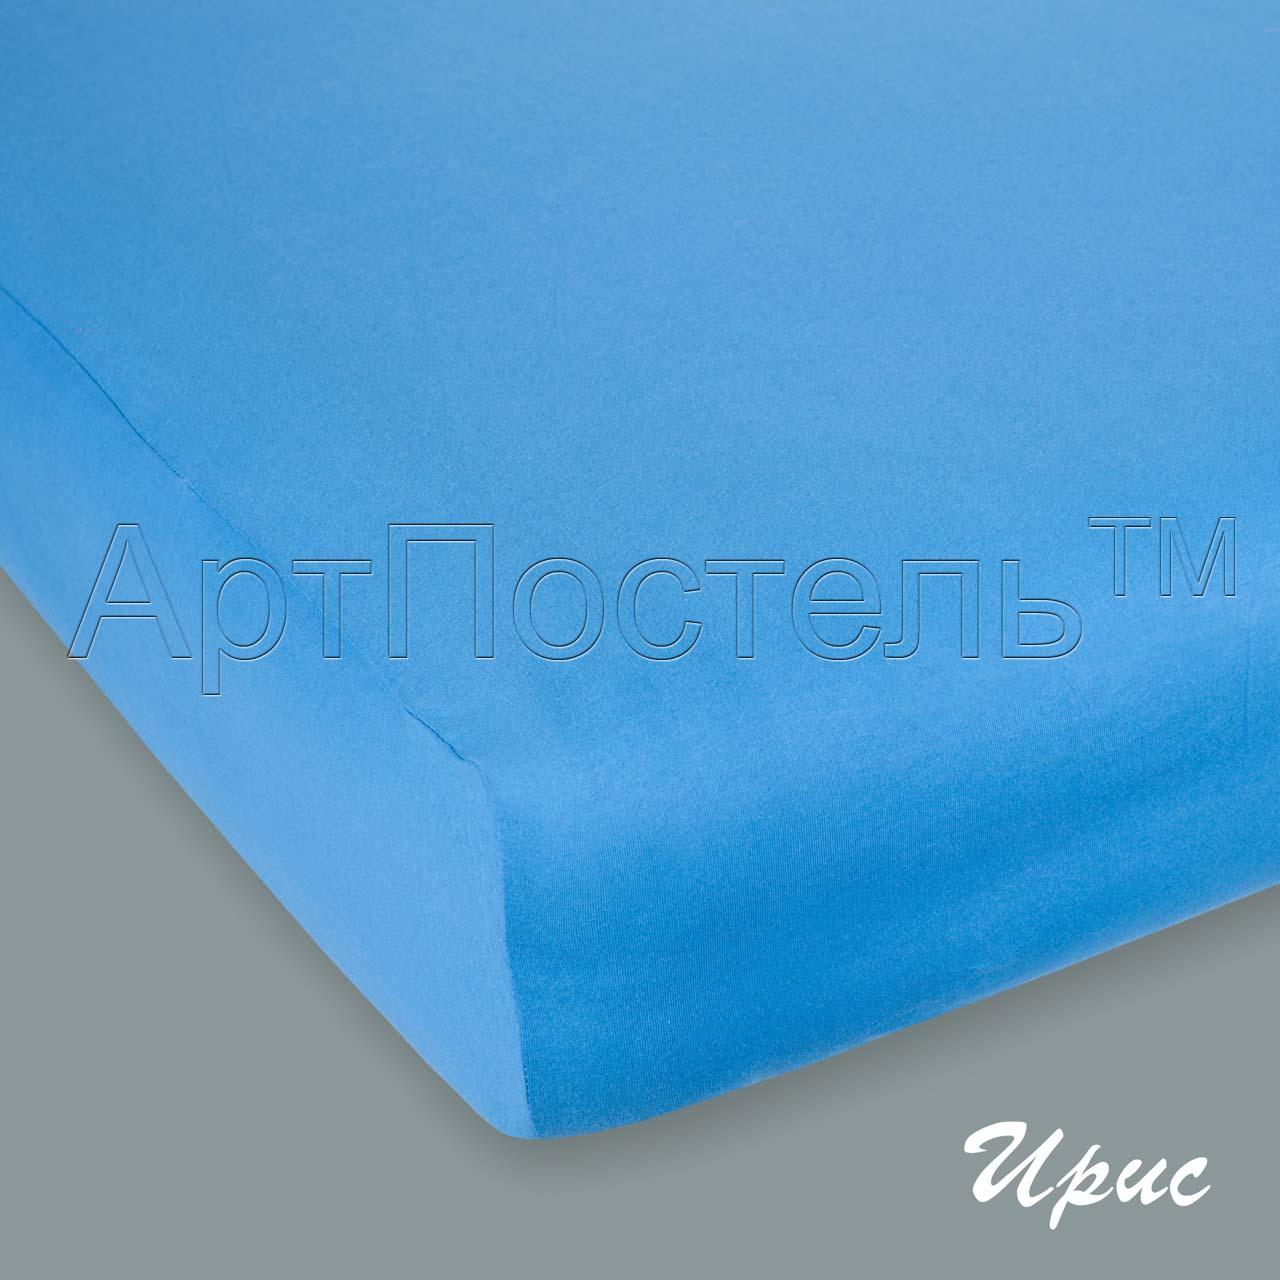 Простыня на резинке Ирис, размер 120х200 смПростыни<br>Плотность ткани: 145 г/кв. м <br>Высота матраса: 20 см<br><br>Тип: Простыня<br>Размер: 120х200<br>Материал: Кулирка